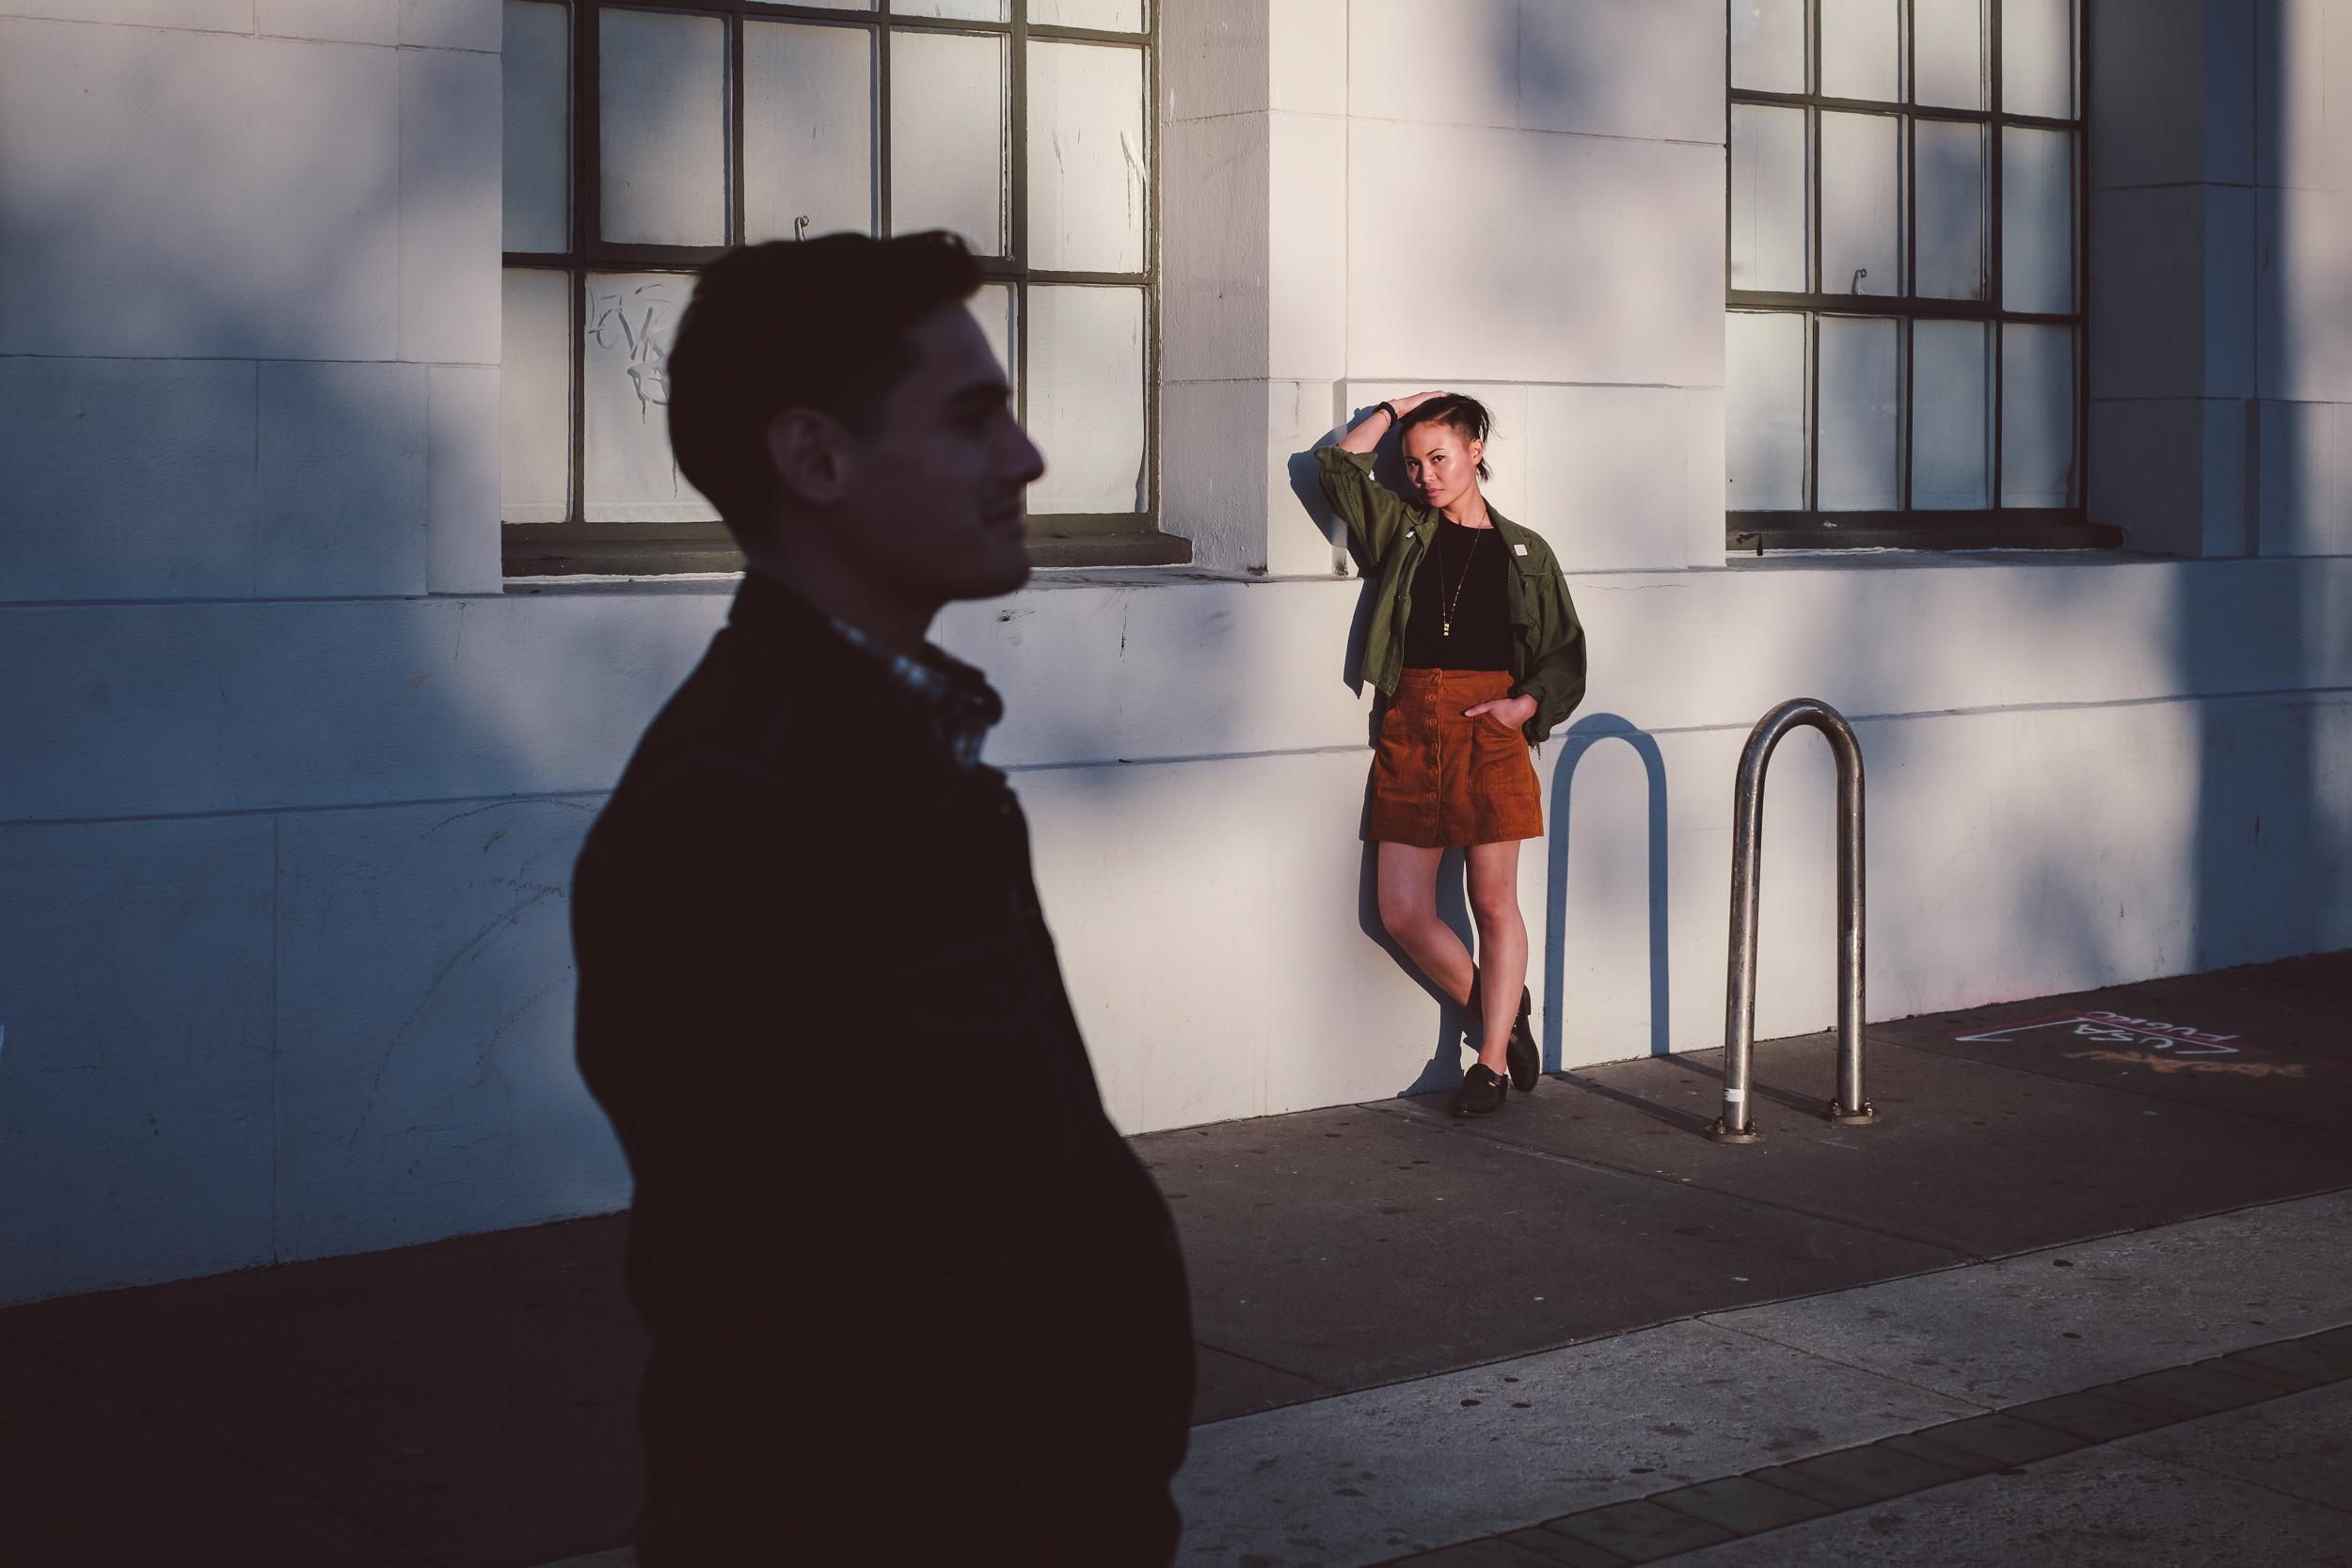 San-Francisco-Embarcadero-Engagement-Photos-013.jpg